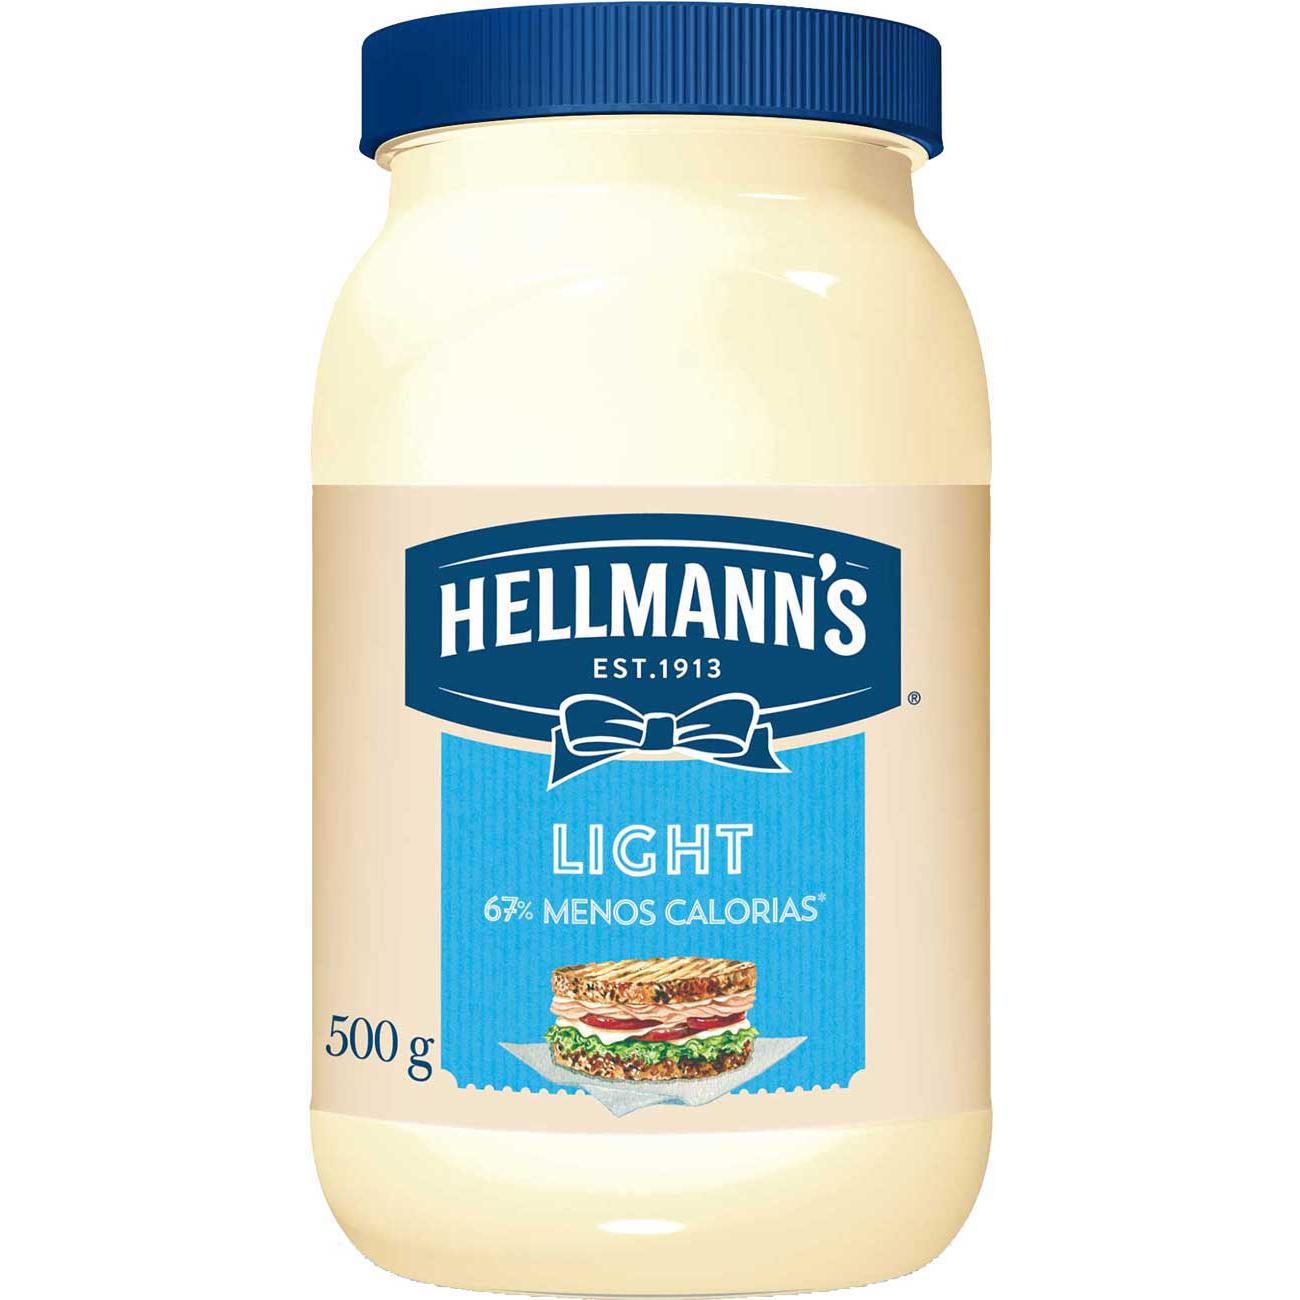 Maionese Hellmanns Light 500G